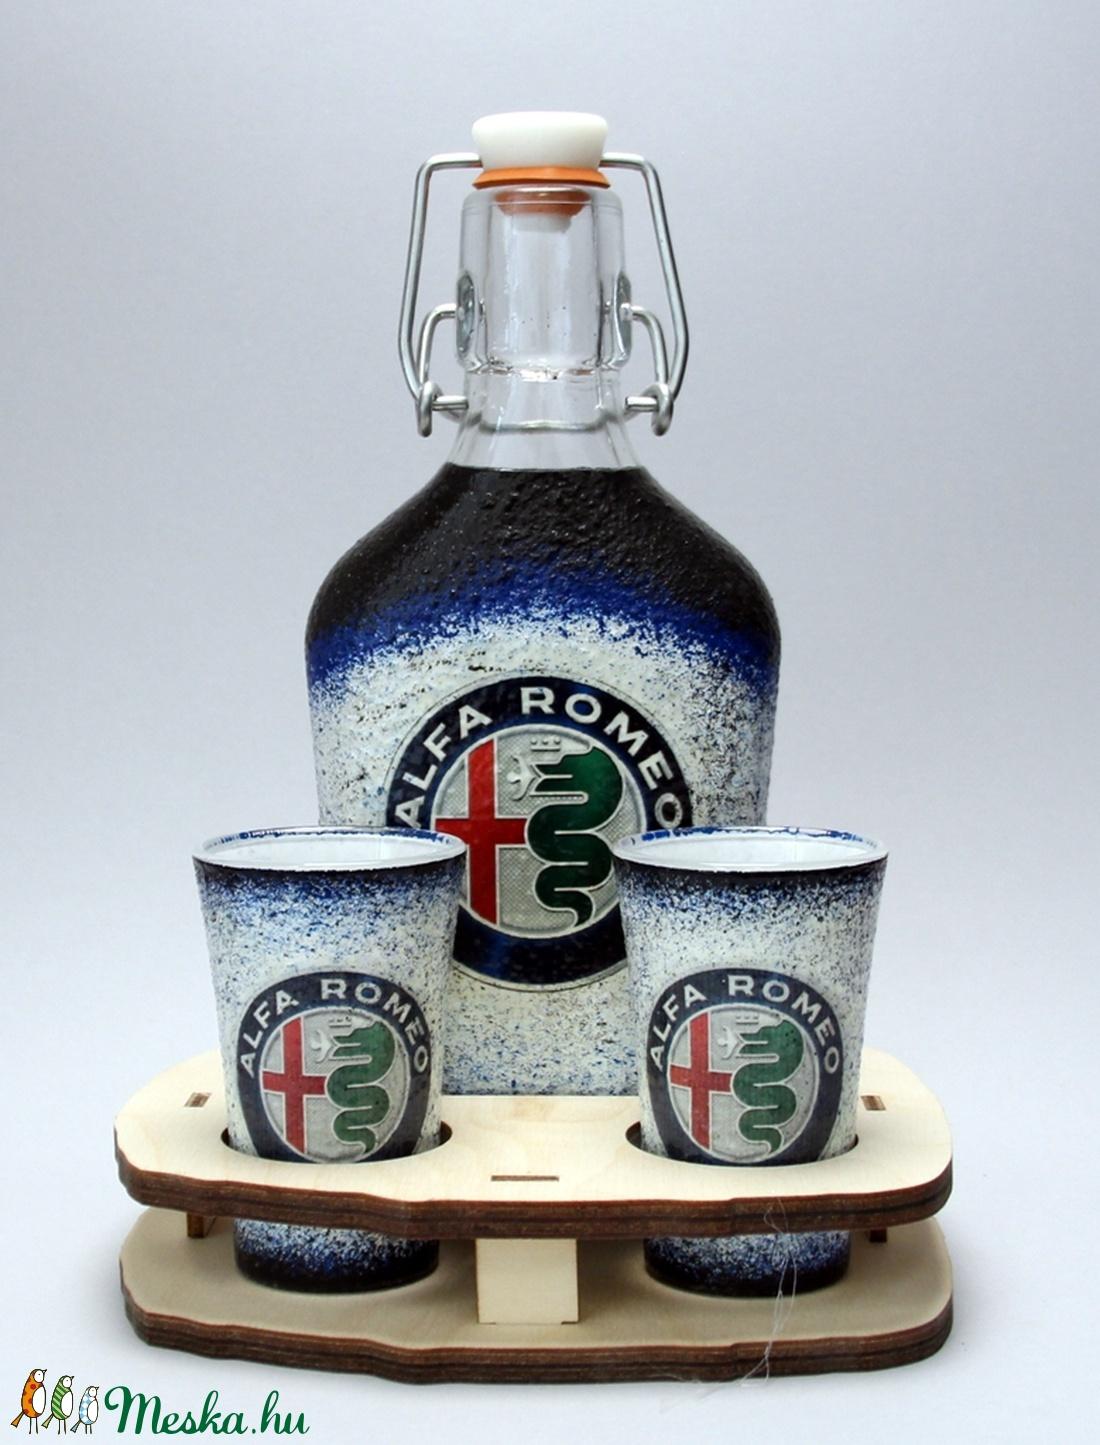 Alfa Romeo emblémával díszített italos szett(0,2l üveg+2x45ml +fatartó) márka szerelmeseinek - férjeknek -barátoknak  (decorfantasy) - Meska.hu